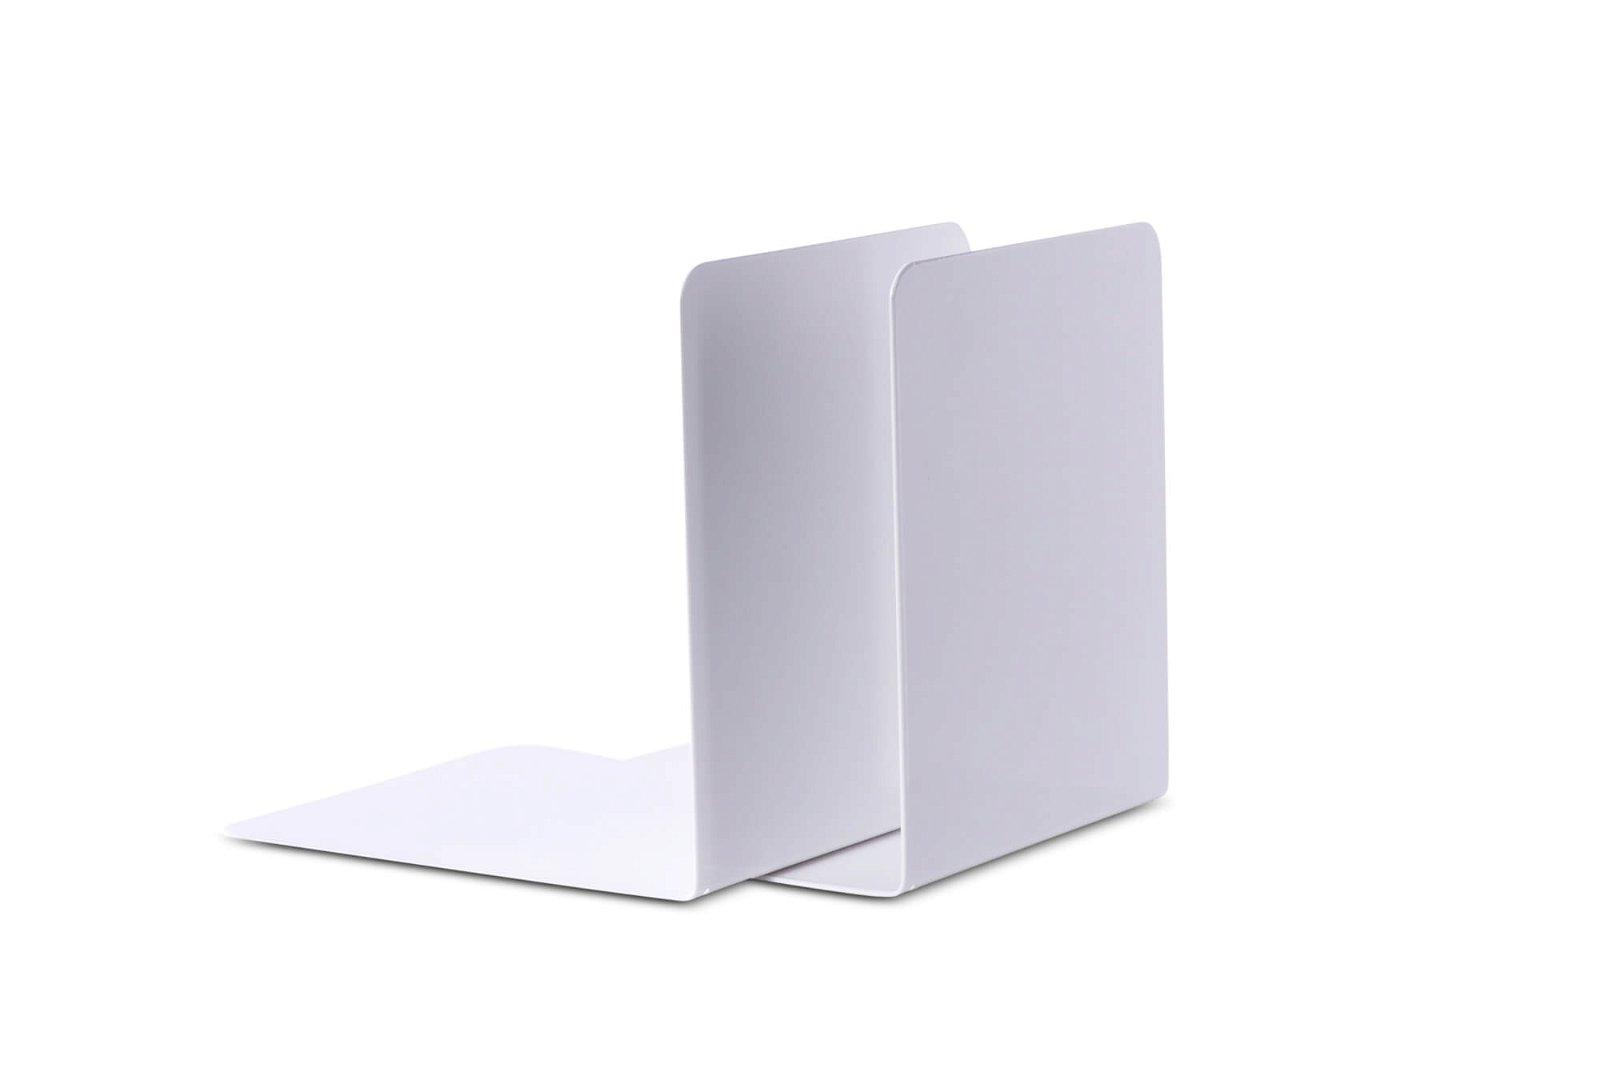 Buchstützen aus Metall, breit, 14 x 12 x 14 cm, weiß